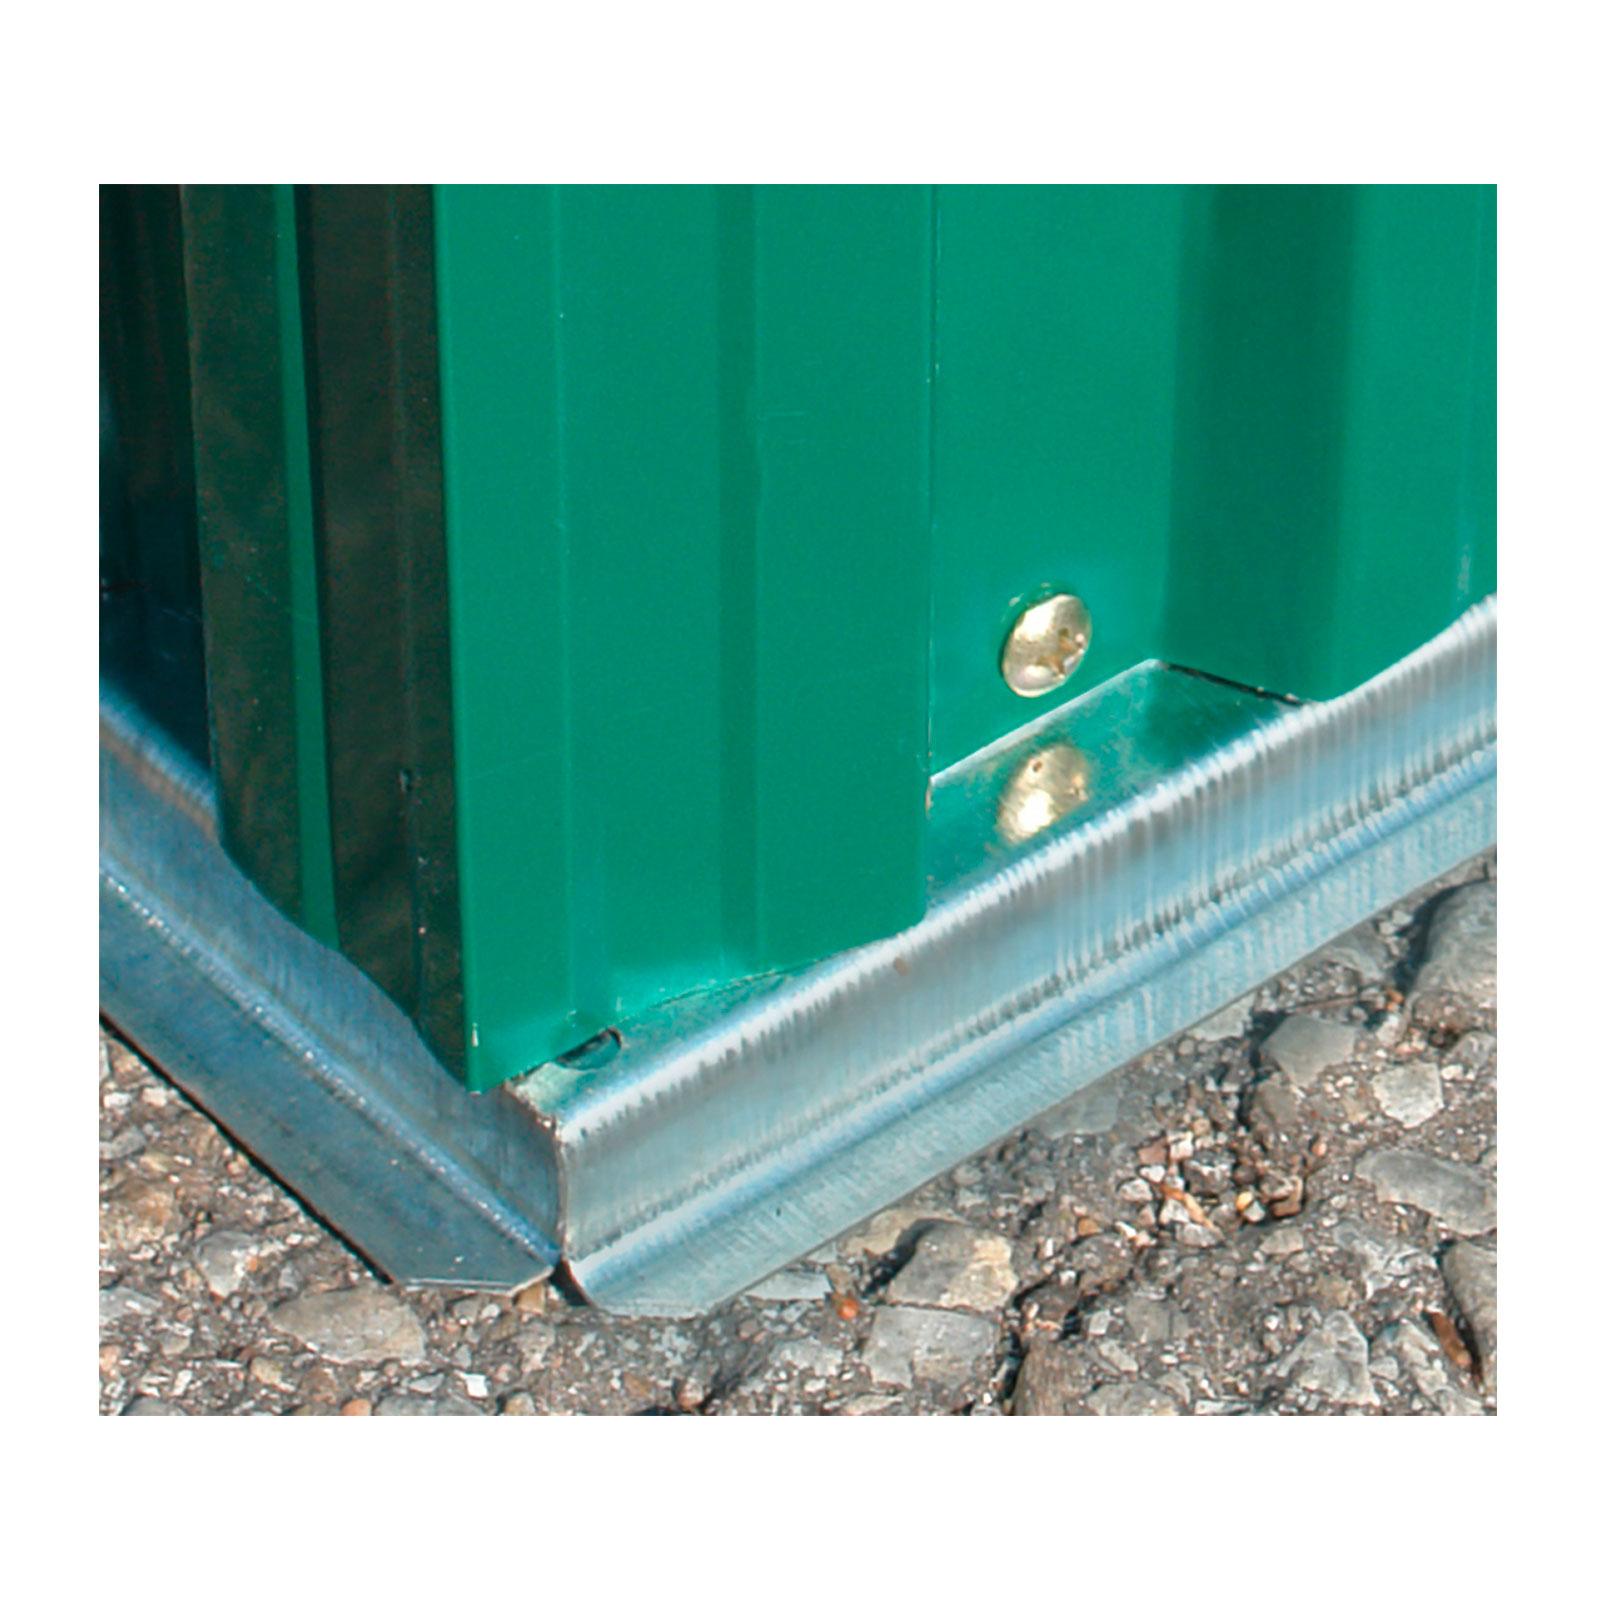 metall ger tehaus gartenhaus ger teschuppen gro stabil xxl 7 5m 917501 ebay. Black Bedroom Furniture Sets. Home Design Ideas